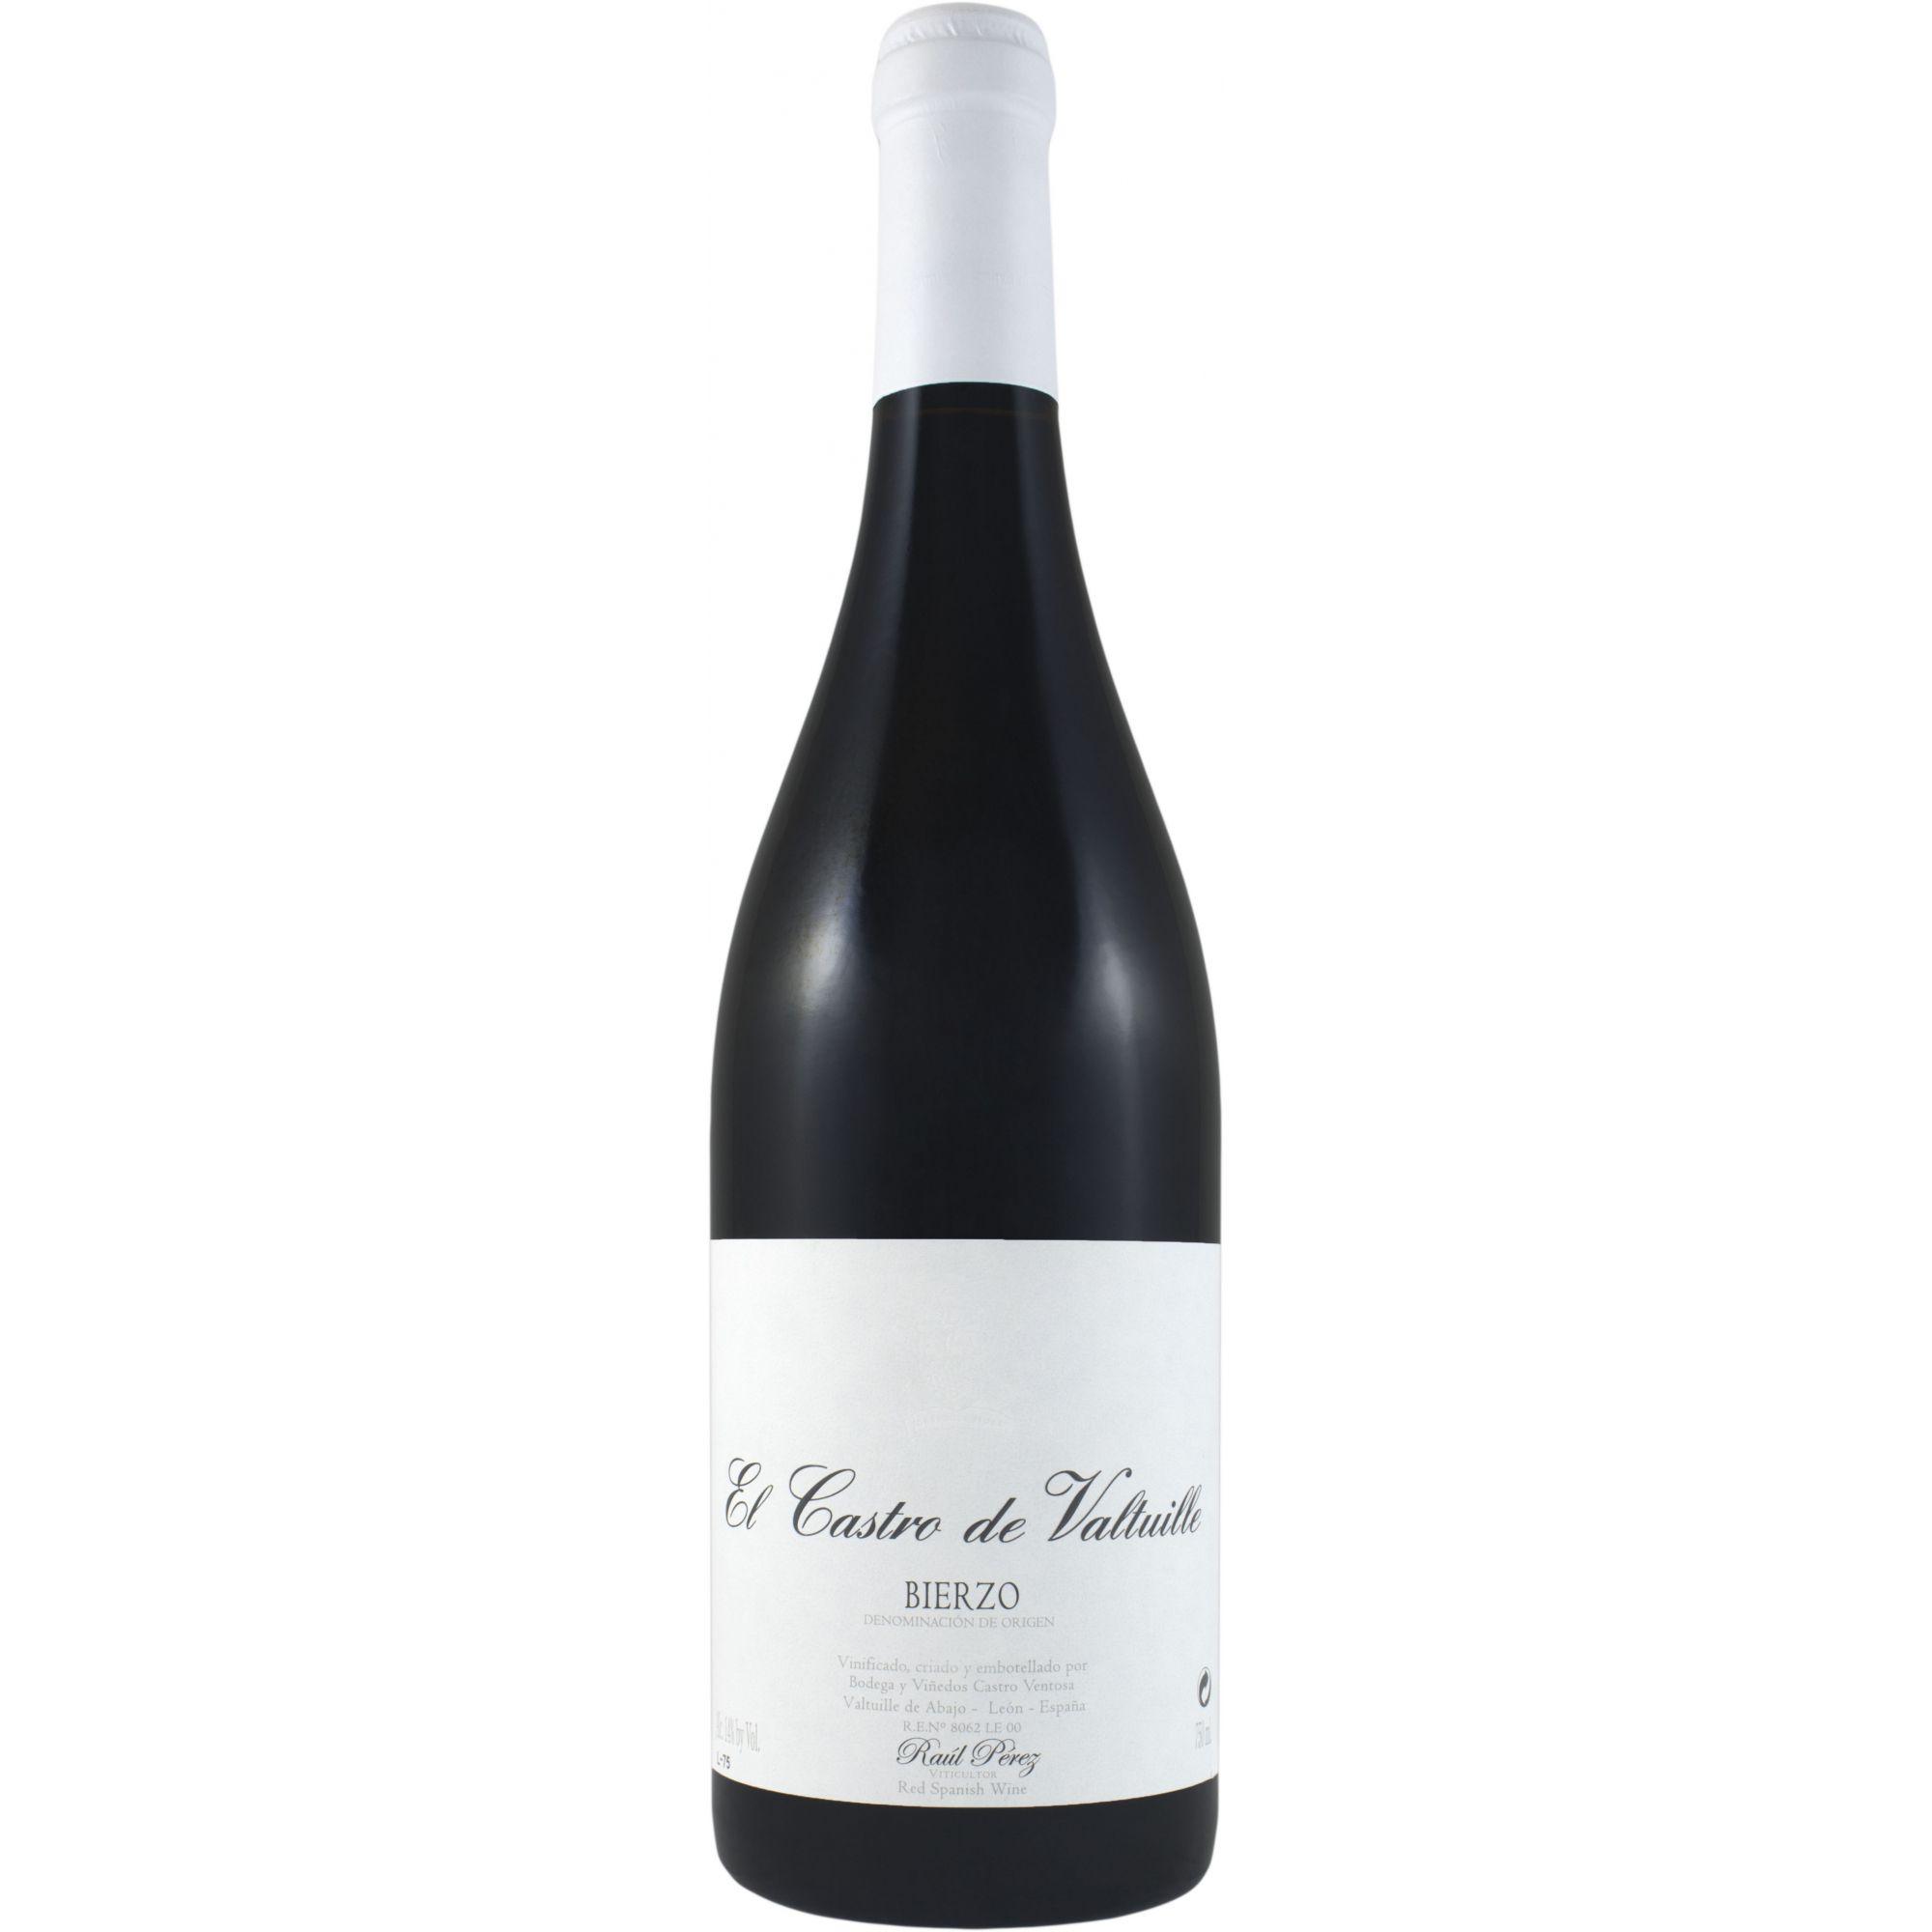 Vinho El Castro de Valtuille Bierzo 2012